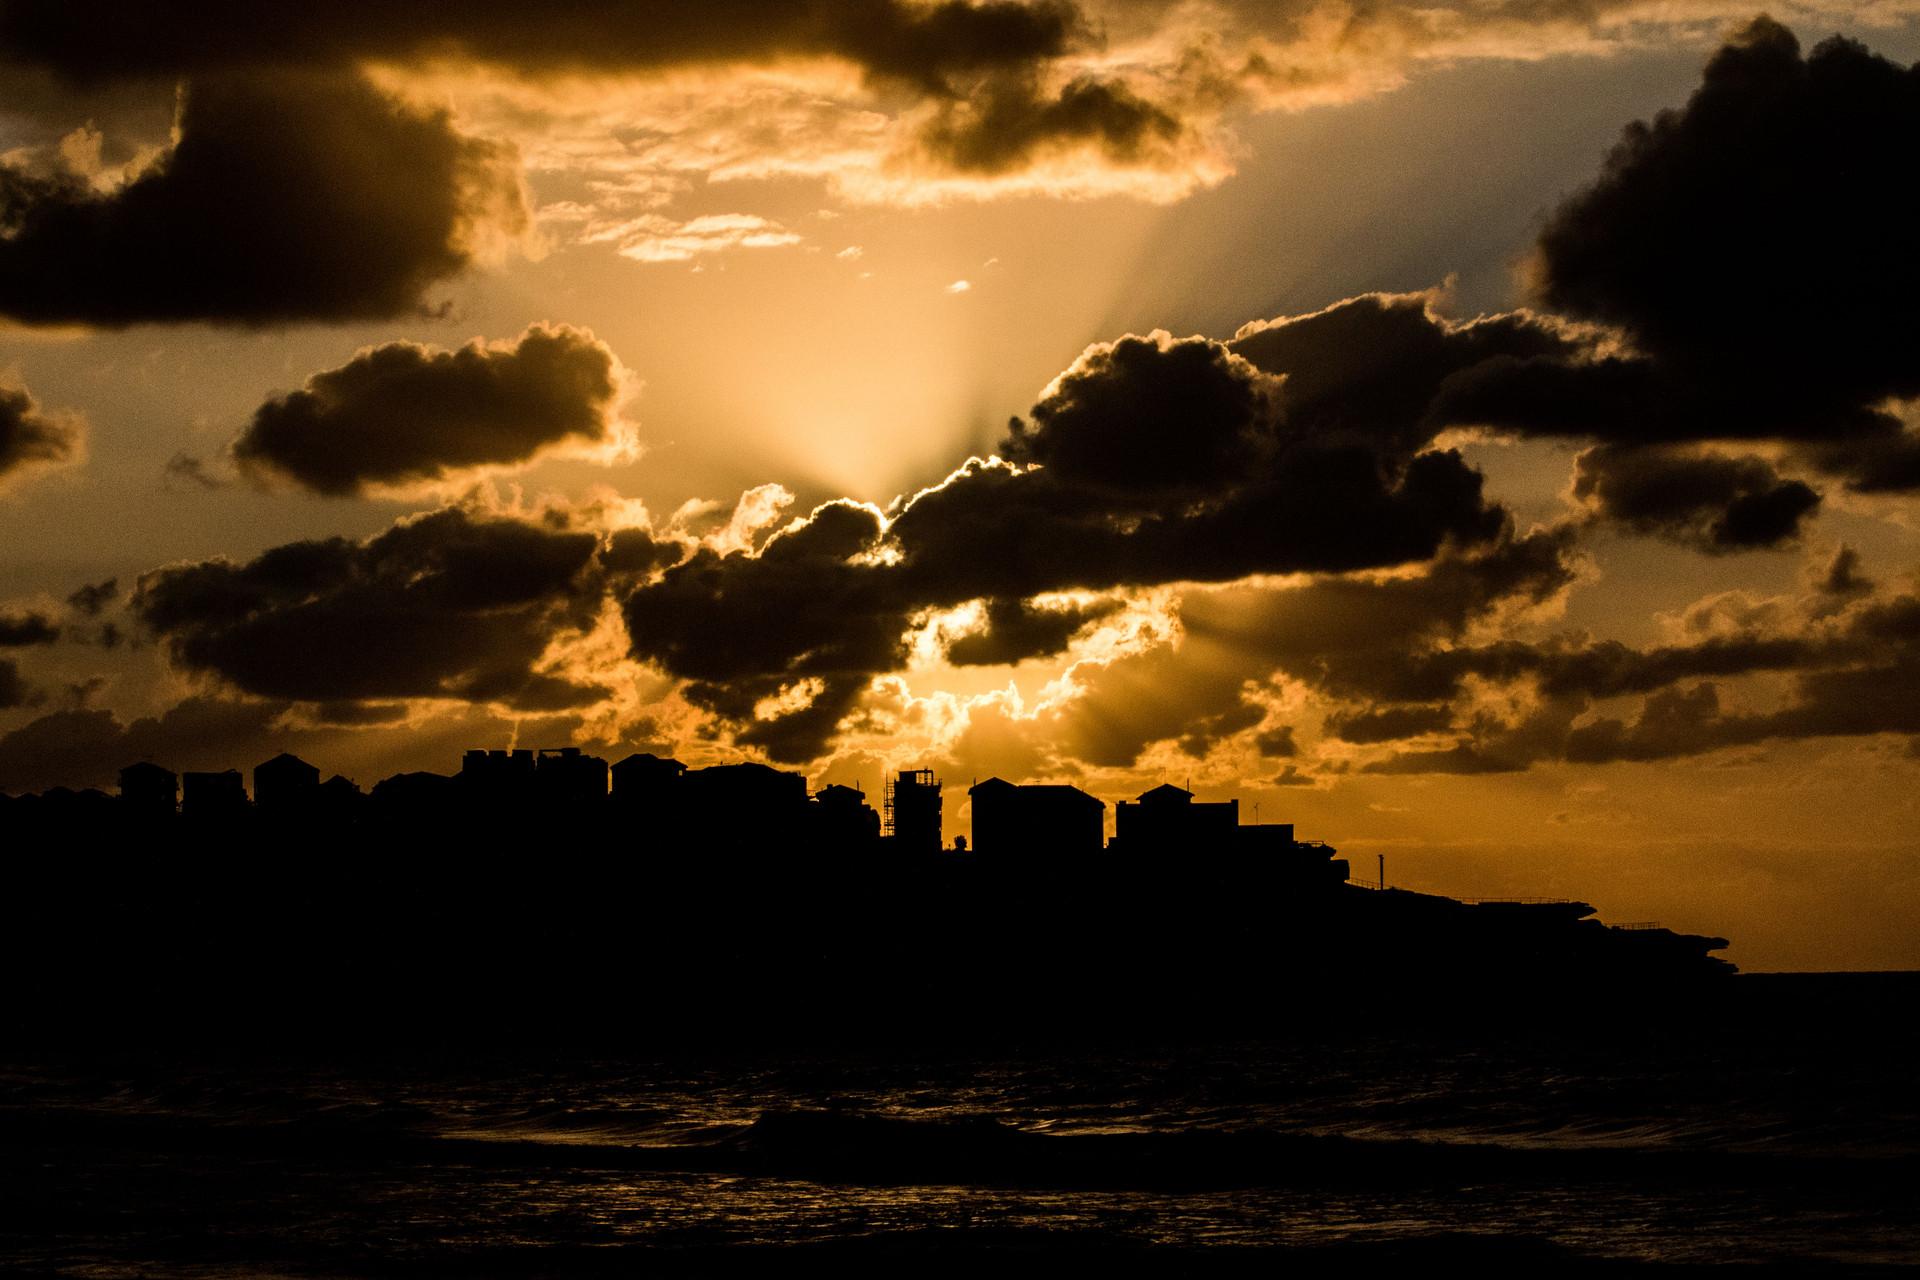 Bondi sunrise silhouette